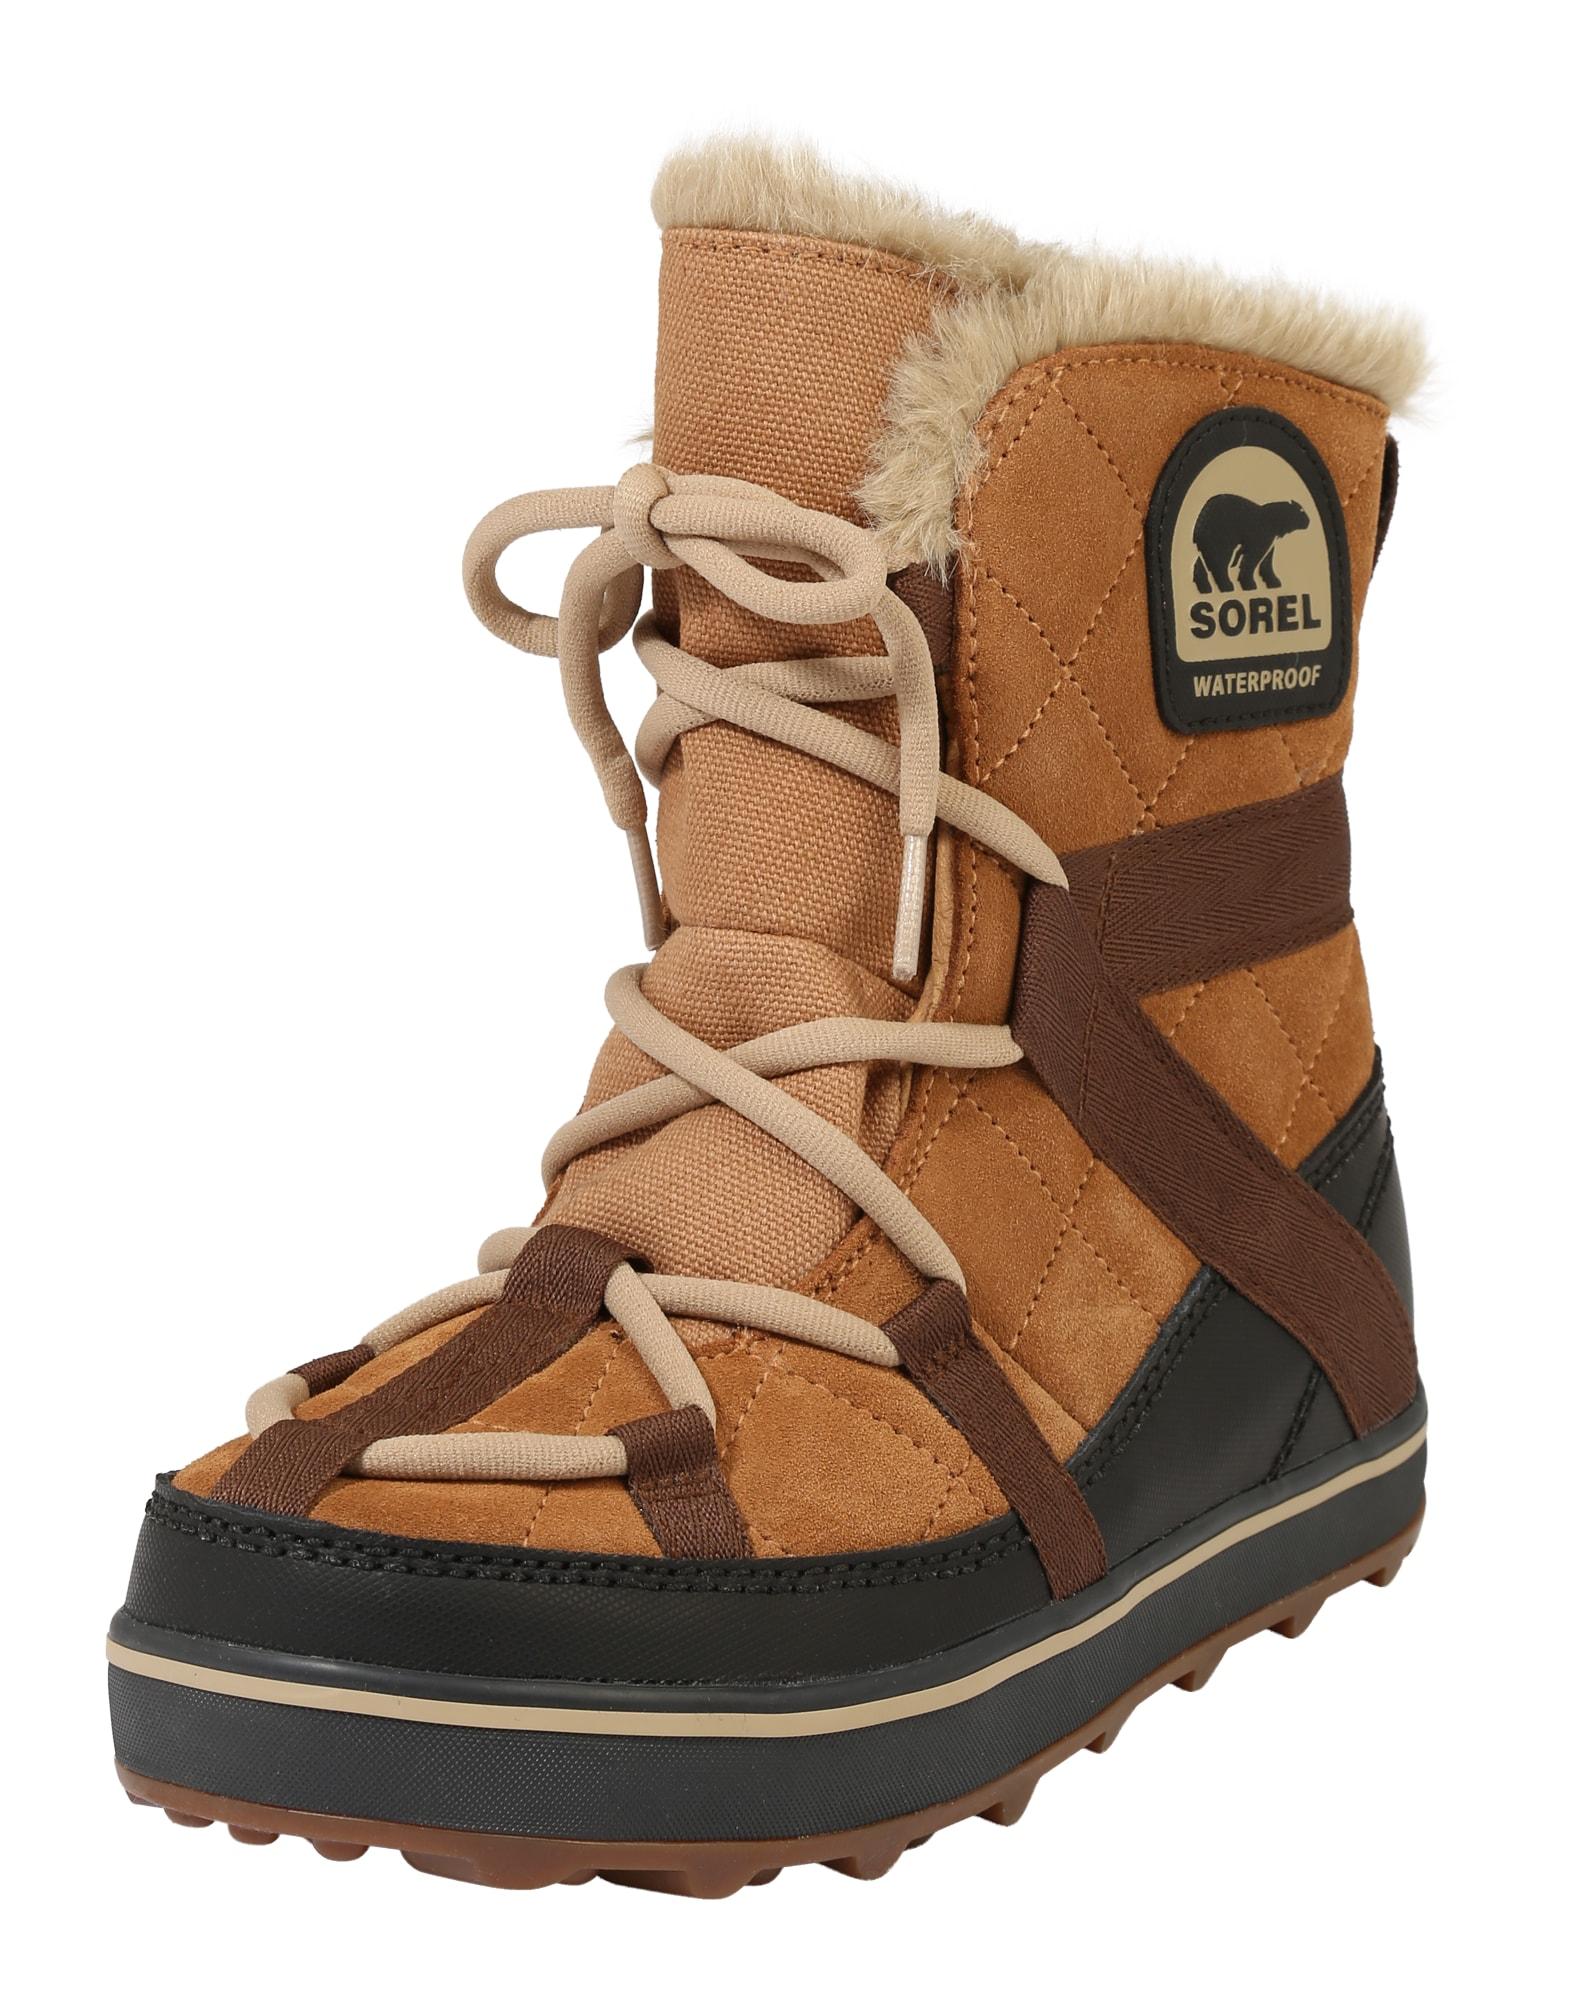 Sněhule Glacy Explorer velbloudí hnědá SOREL